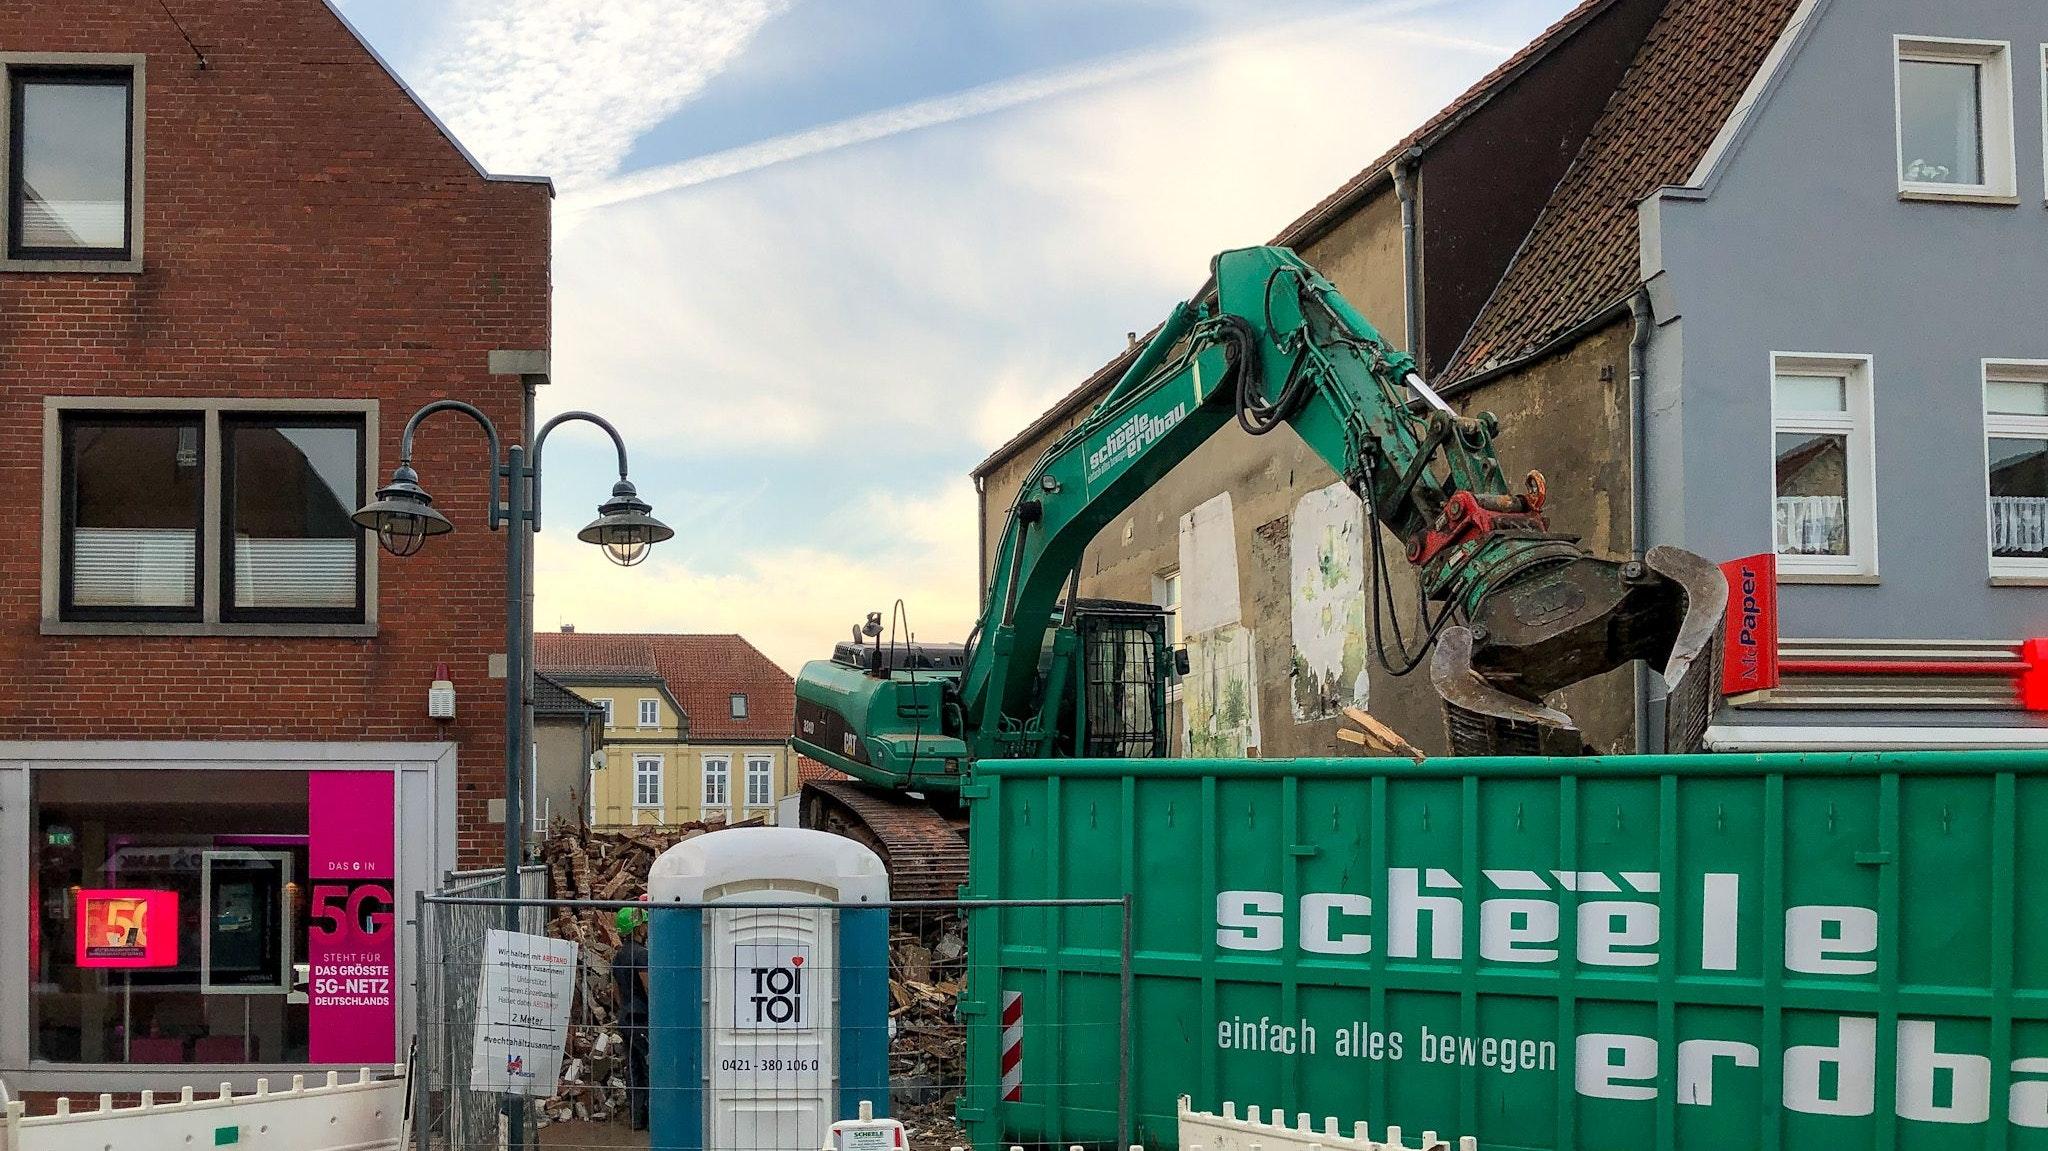 Durchblick: Am Dienstagmorgen haben Bagger die Fassade des alten Hauses abgerissen. Die Arbeiten waren auf der Rückseite gestartet. Foto: Chowanietz